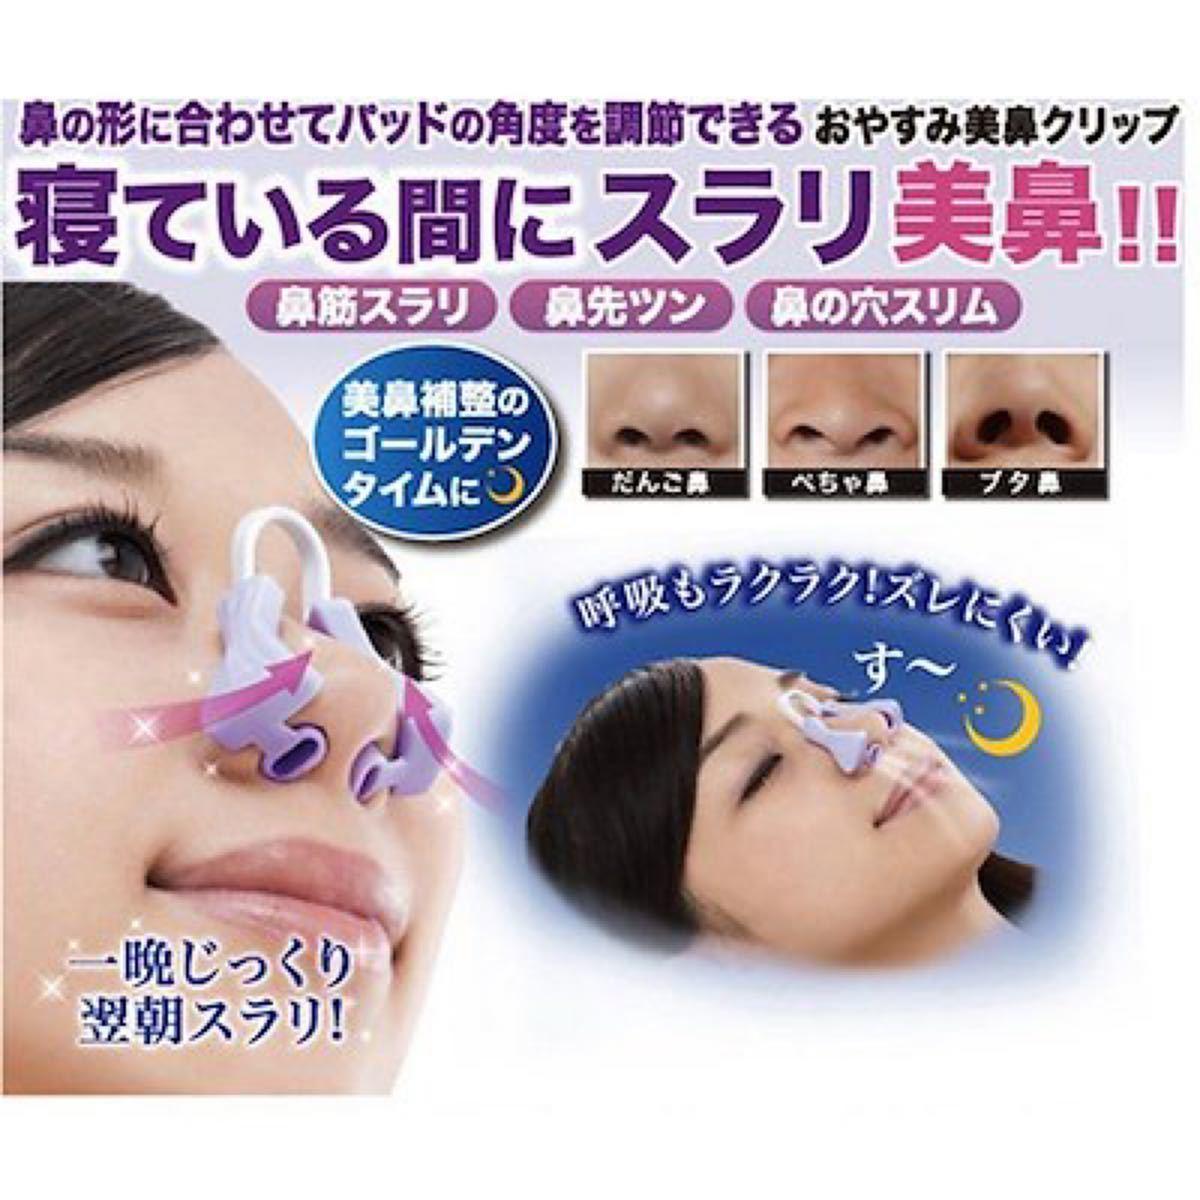 ノーズクリップ 夜用美鼻矯正 ノーズup鼻筋鼻プチナイト